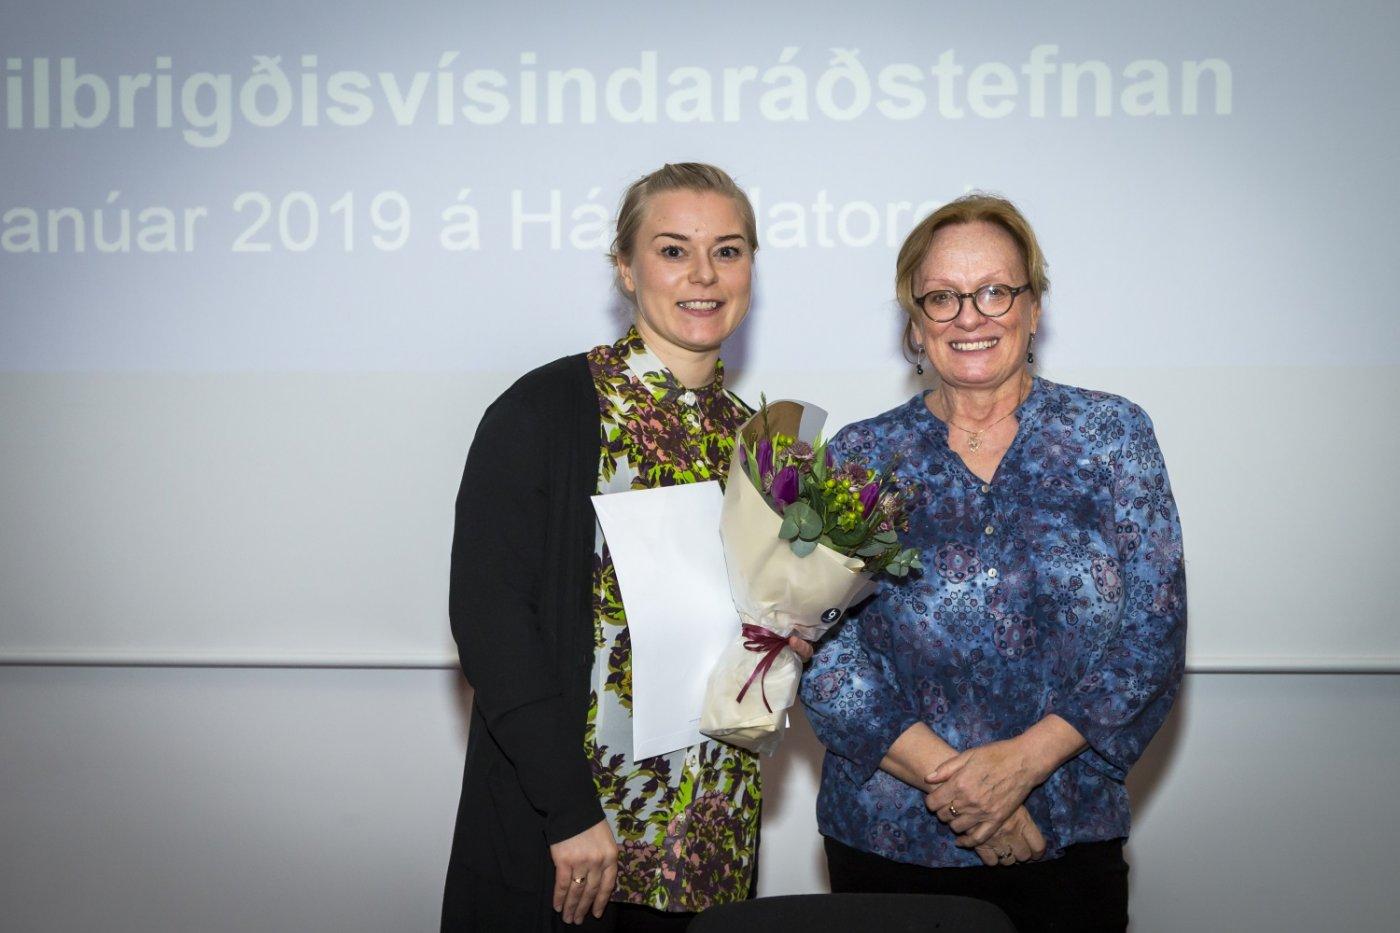 Þórhildur Halldórsdóttir og Inga Þórsdóttir, forseti Heilbrigðisvísindasviðs Háskóla Íslands